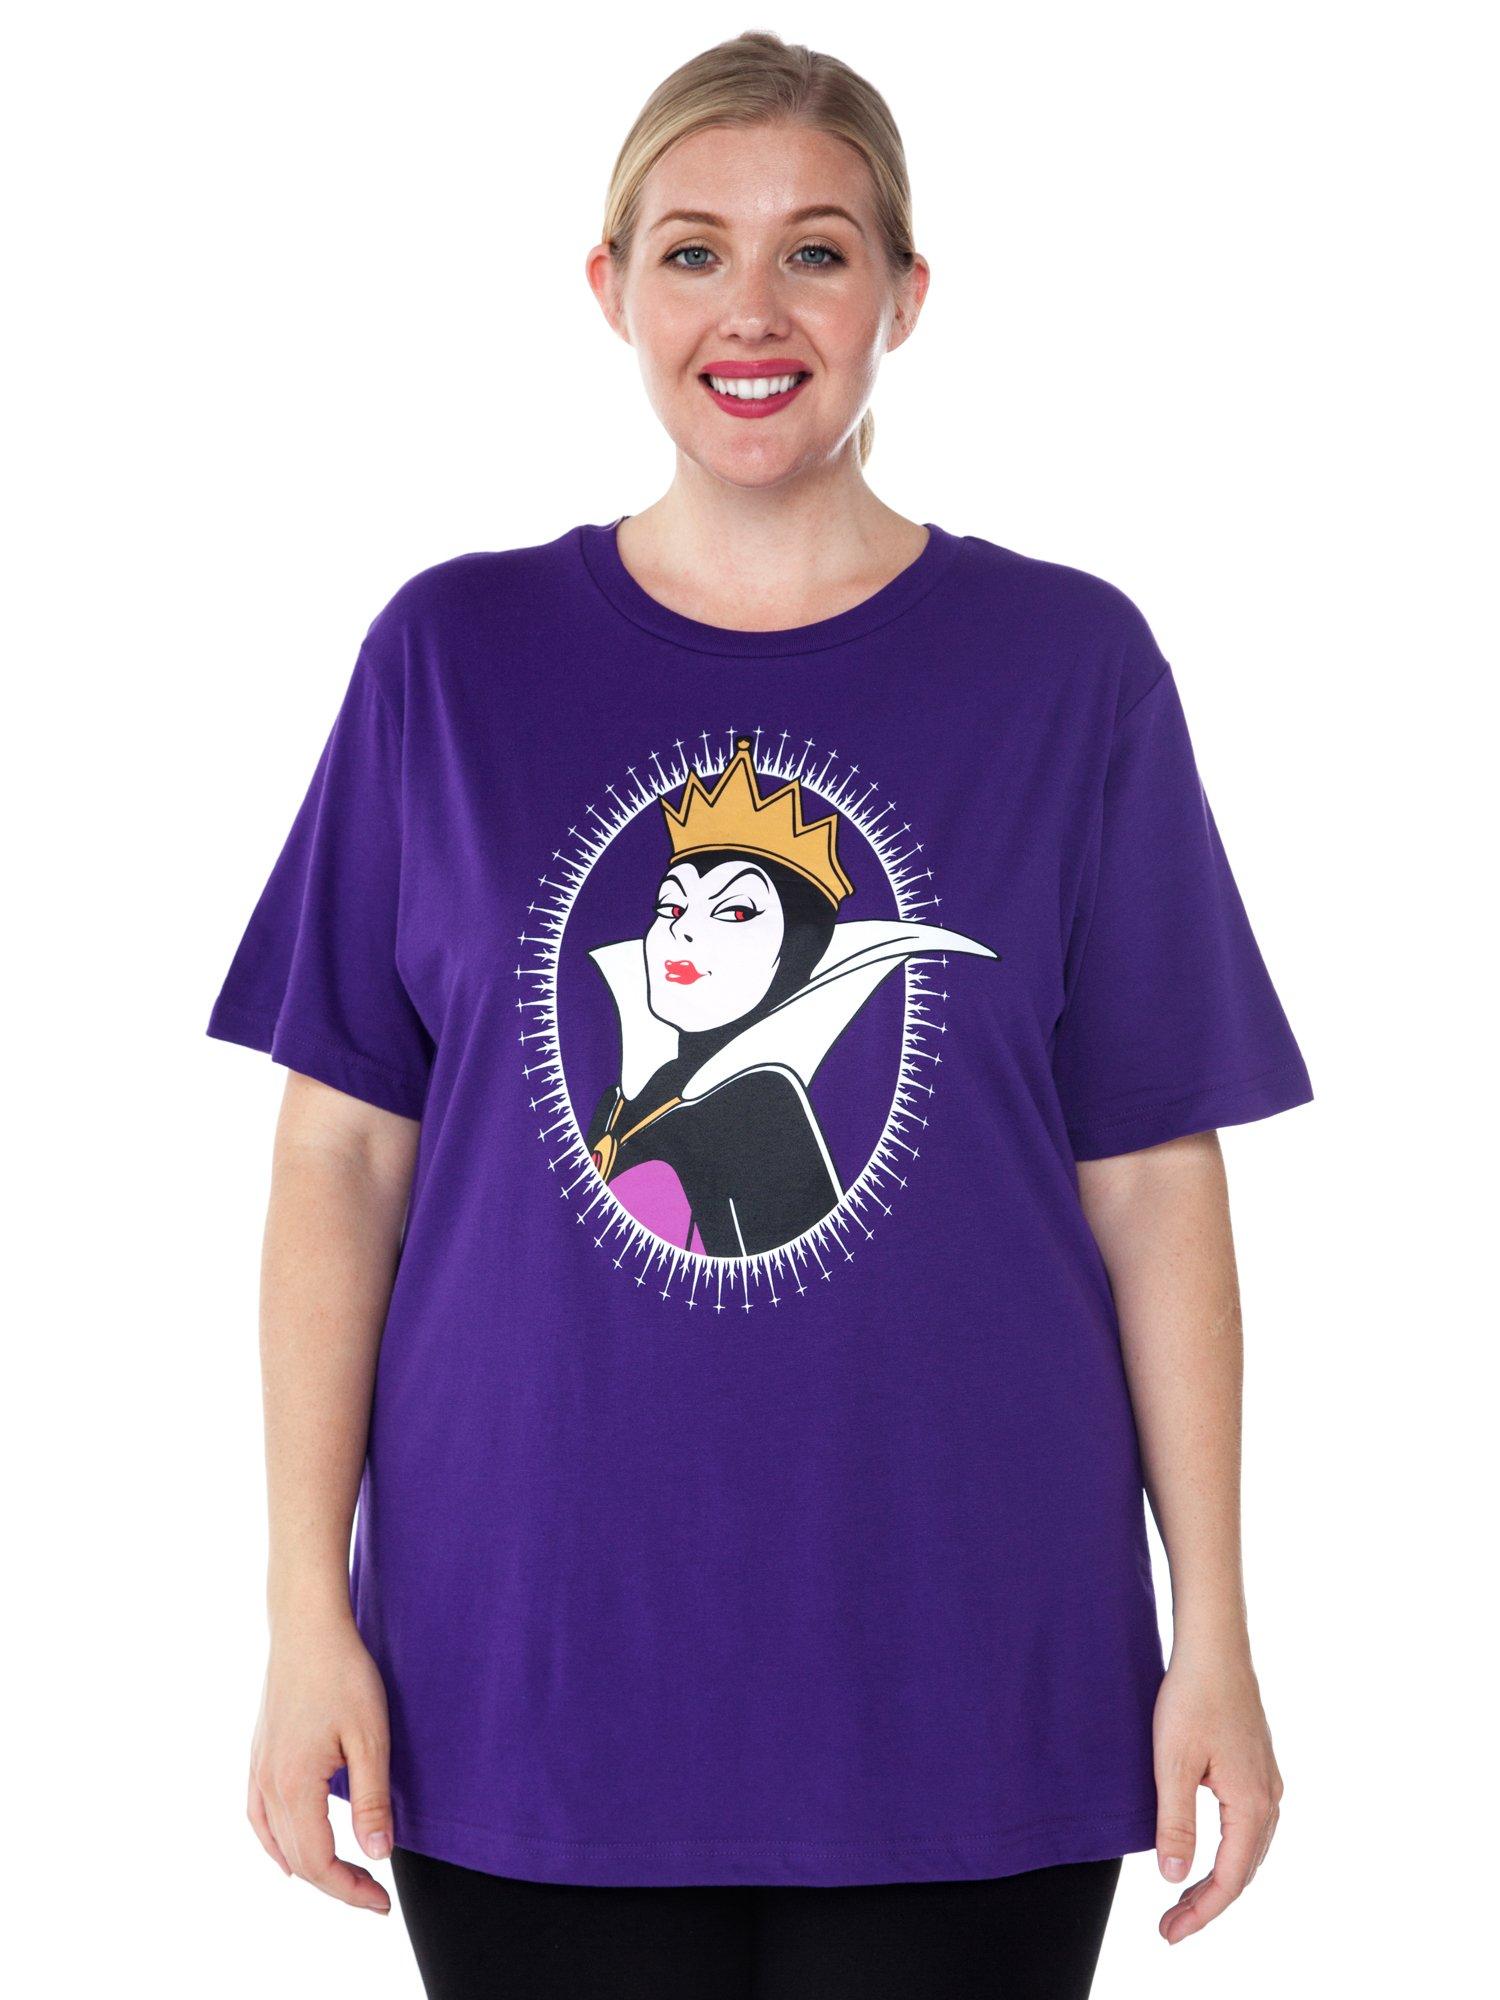 Disney Women's Plus Size T-Shirt Evil Queen Print Villain Snow White (Purple, 4X)